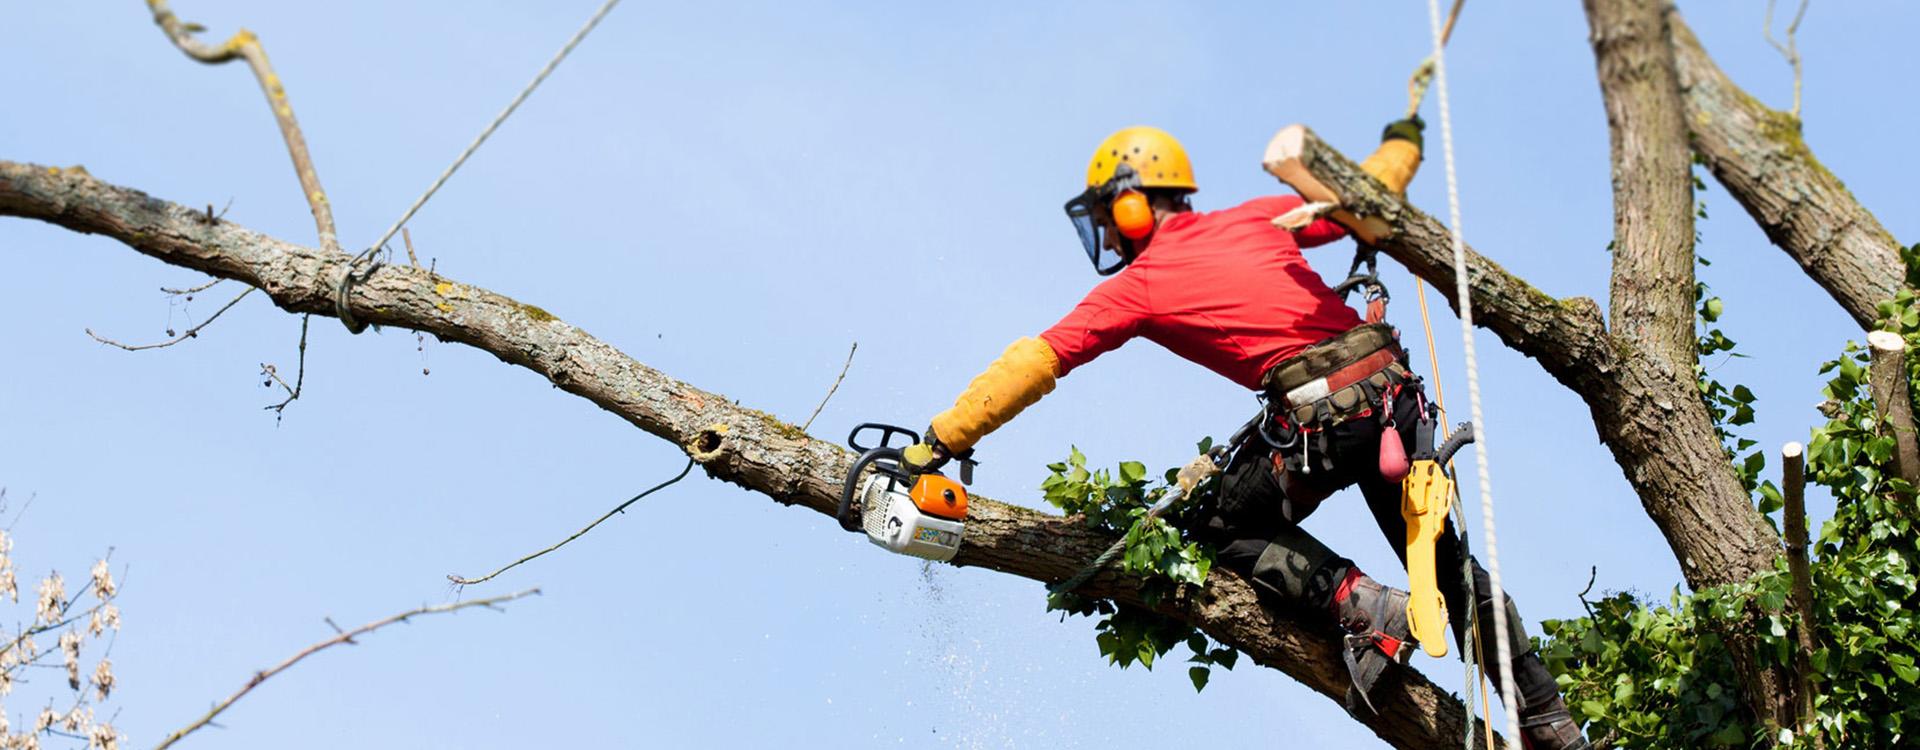 Pielęgnacja drzew –Wycinka metodą alpinistyczną